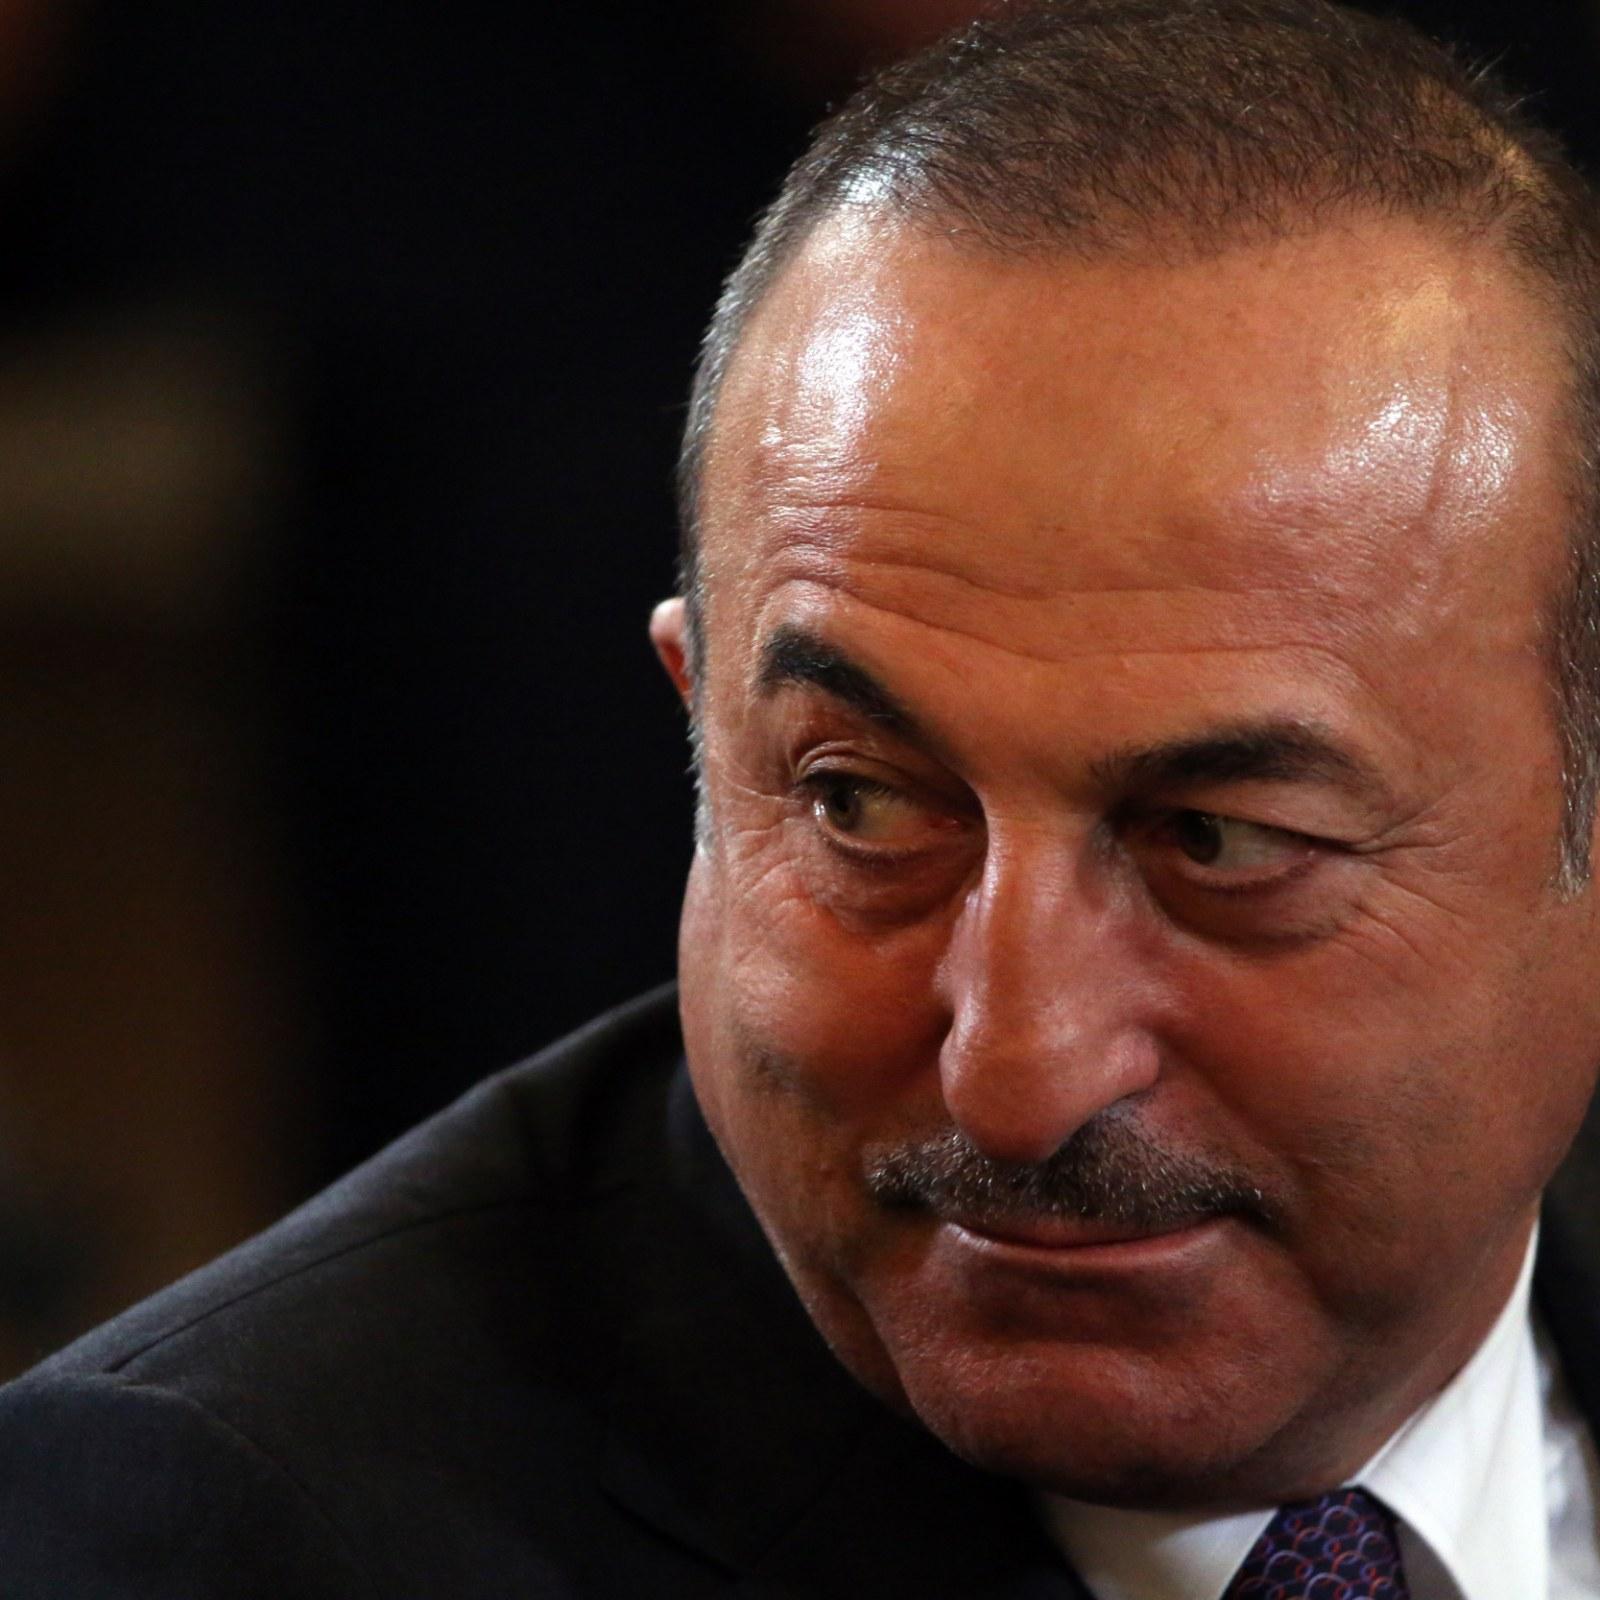 Mevlüt Çavuşoğlu İstanbul Sözleşmesi hakkında konuştu!